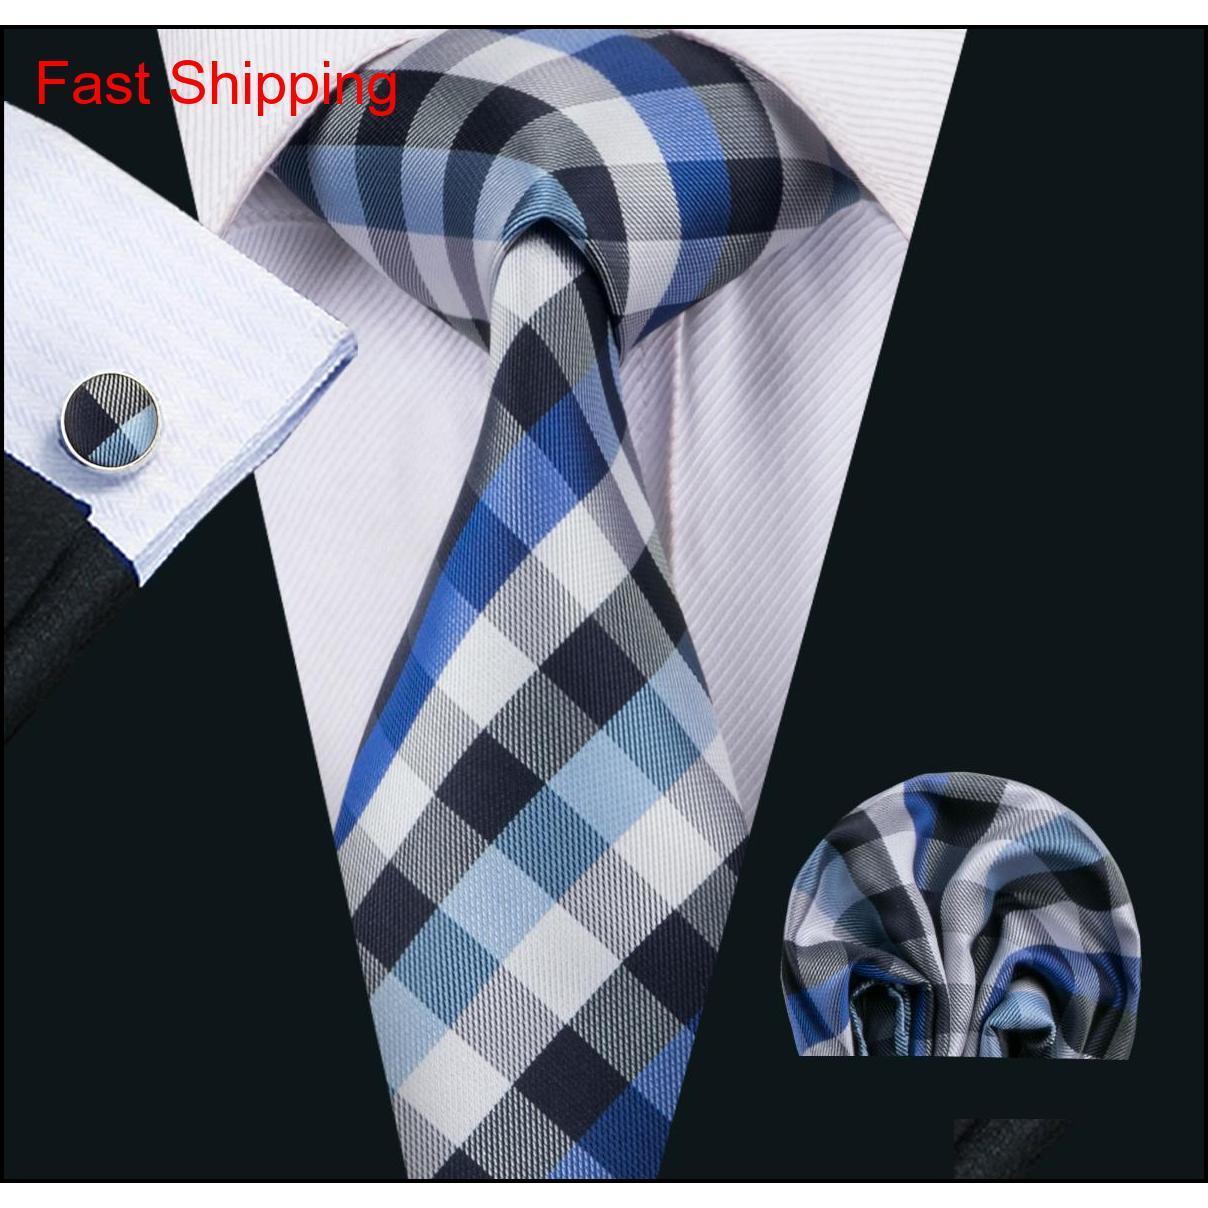 Classic Seta Ties Ties Plaid Mens Collo Cravatte Blue Tie Setsie Hanky Gemelli Set di Jacquard Tessuto Meeting Business We Qylobc Homes2007